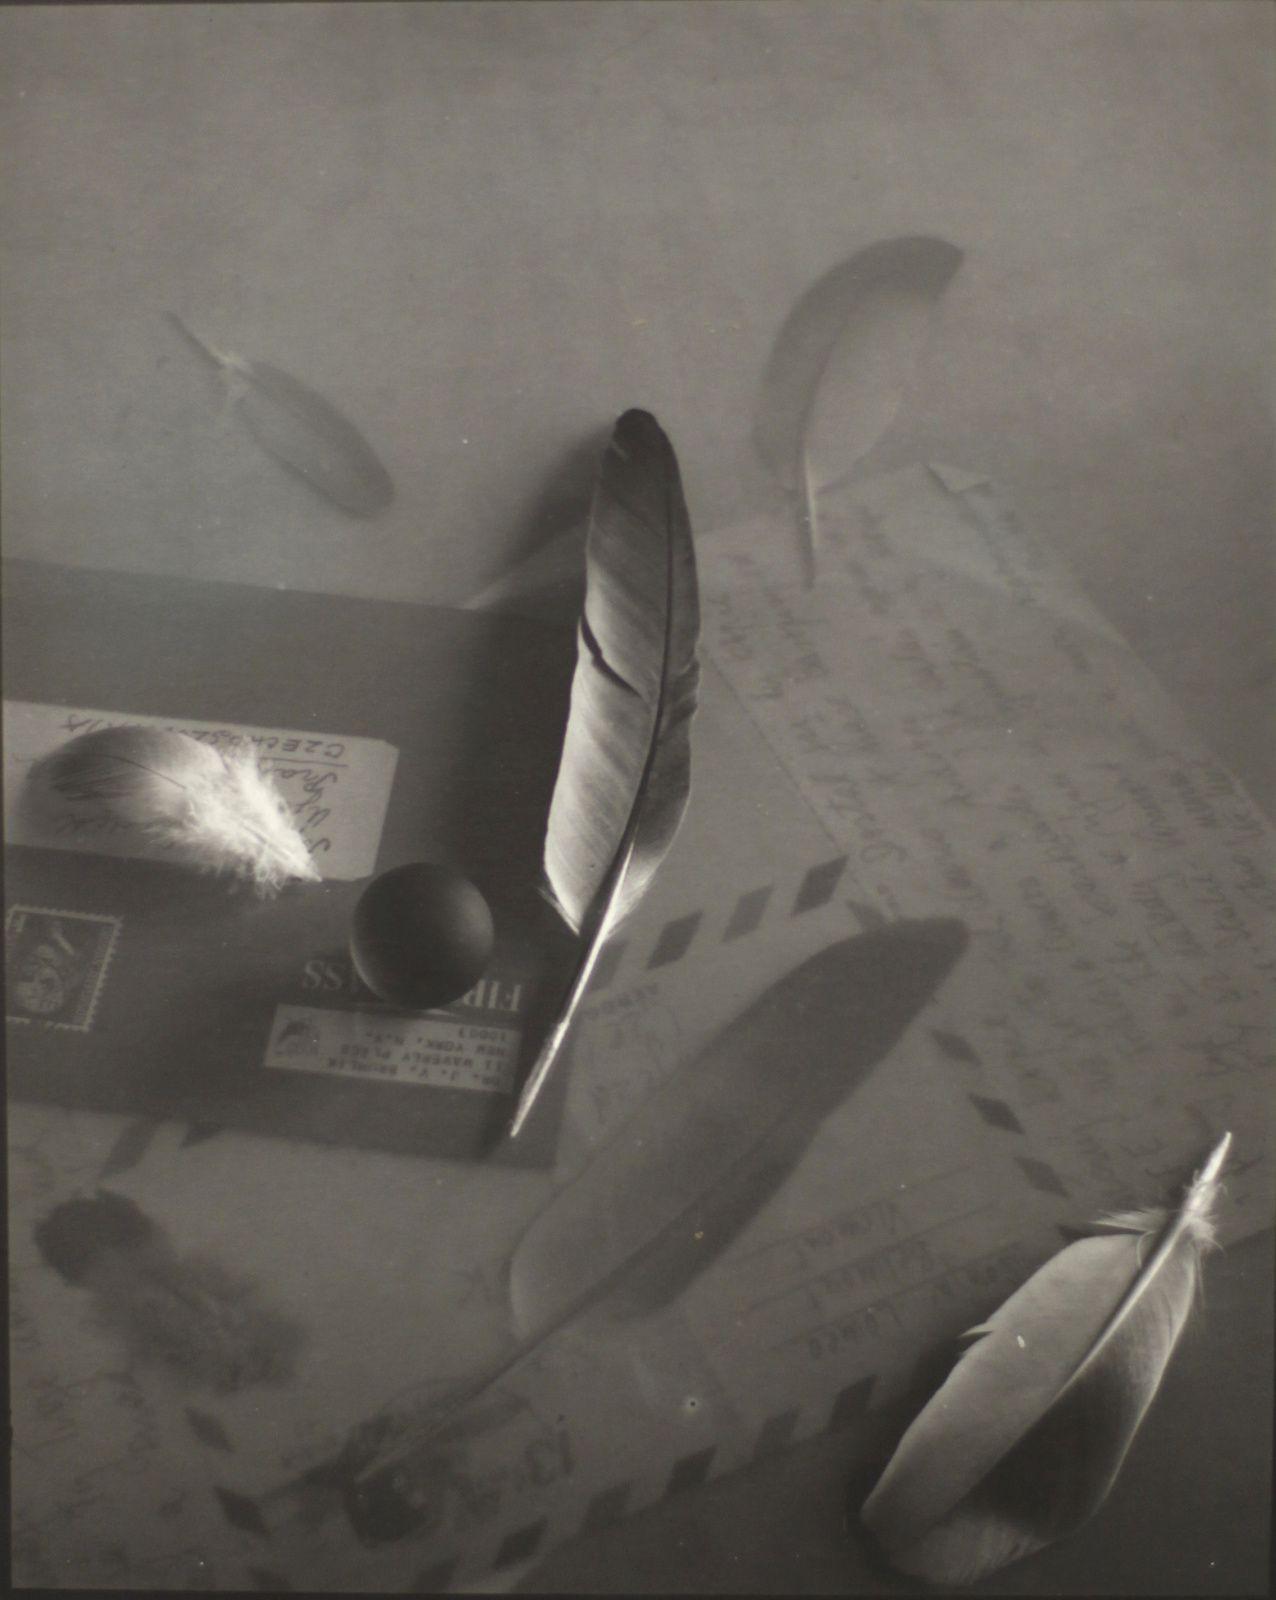 """""""Souvenir par poste aérienne pour le Dr Brumlik"""", 1971 de Josef SUDEK - Courtesy Jeu de Paume © Photo Eric Simon"""